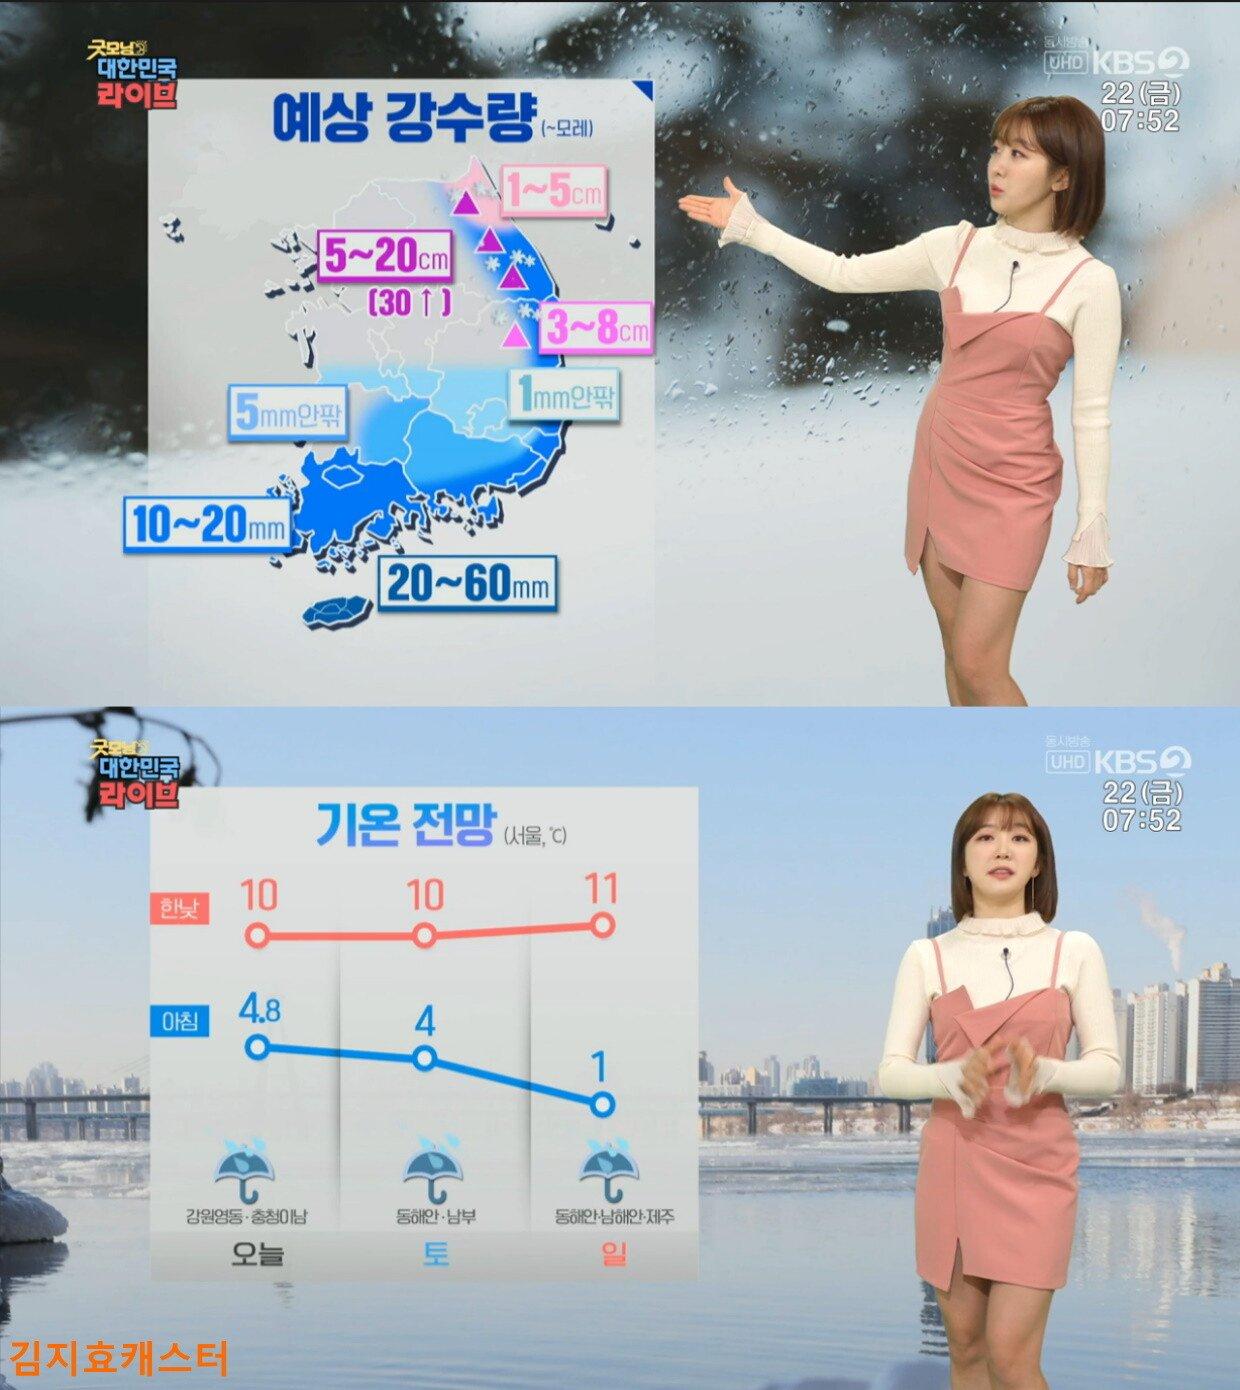 아침10.jpg 오늘 오후부터 내일 오후 남부 및 동해안 중심 비 또는 눈 (중서부 미세먼지)